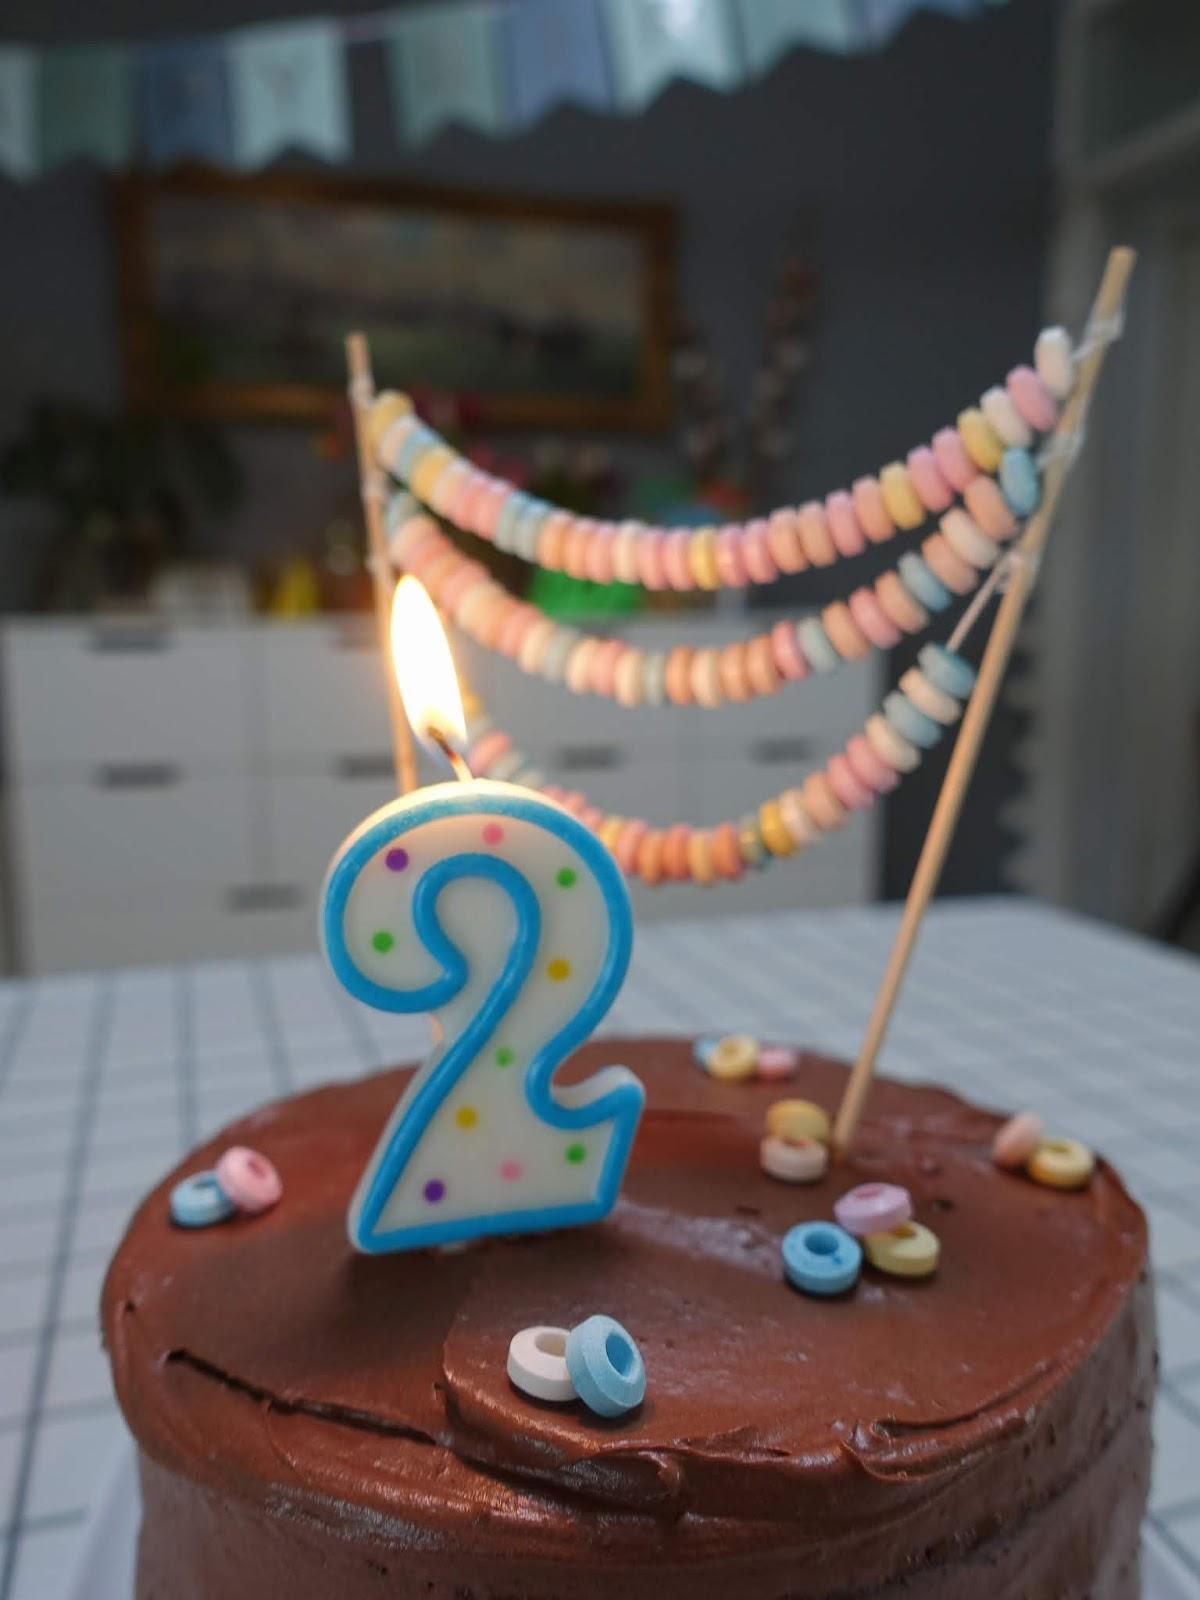 Der minibebsche Geburtstagskuchen